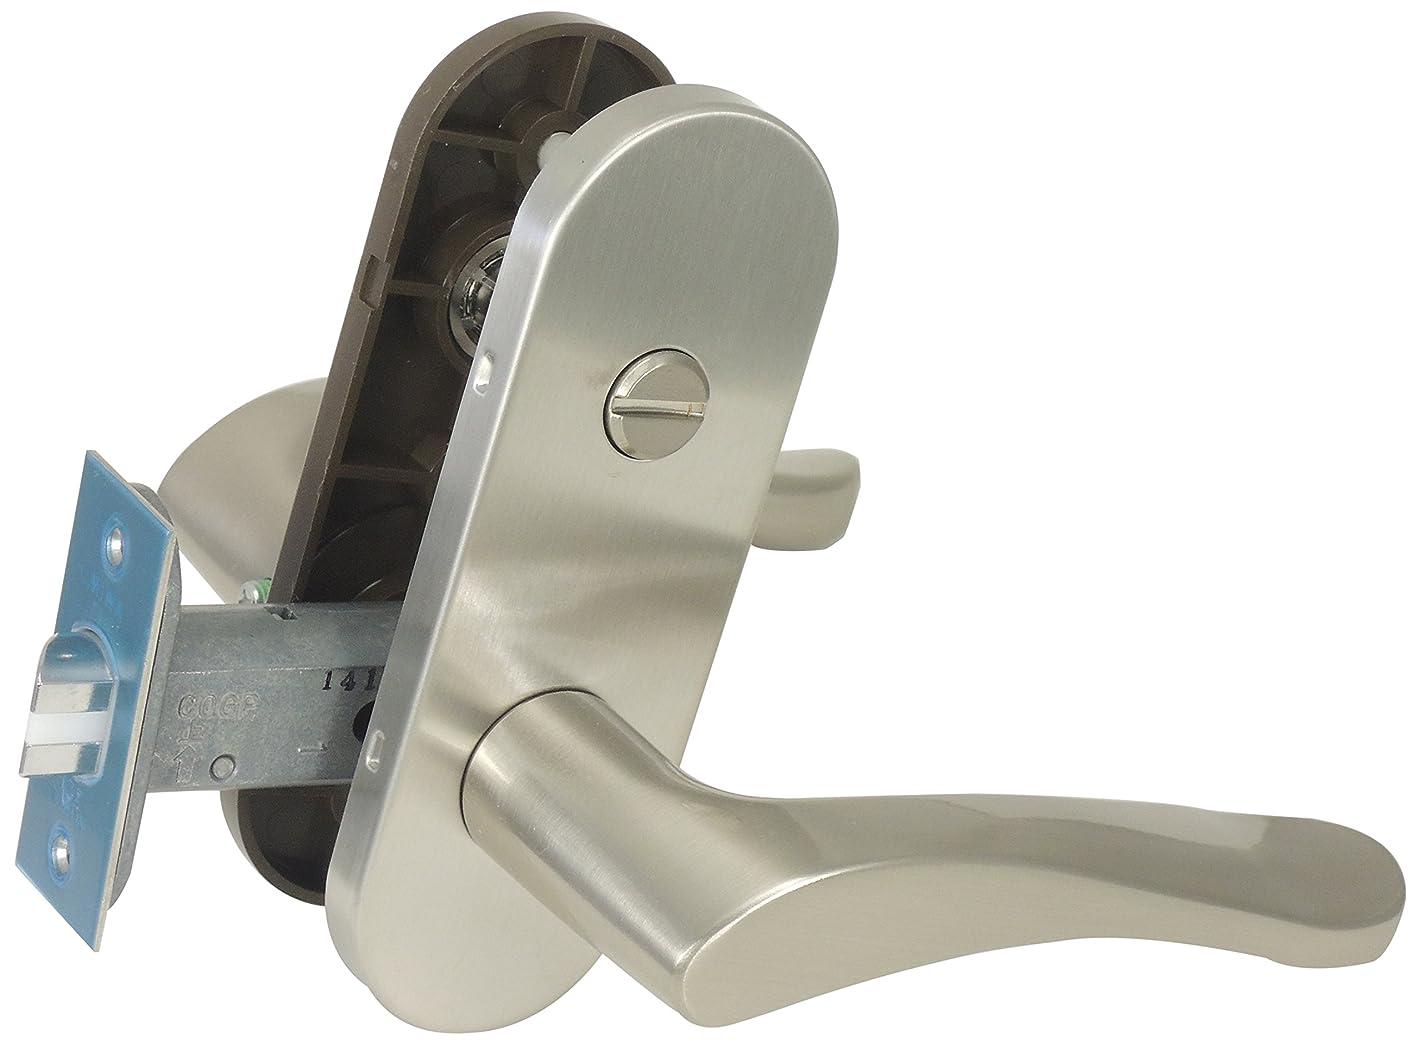 登場登場ギャロップ美和ロック ZLT902-6 室内用レバーハンドル 間仕切錠 シルバー 0150-525